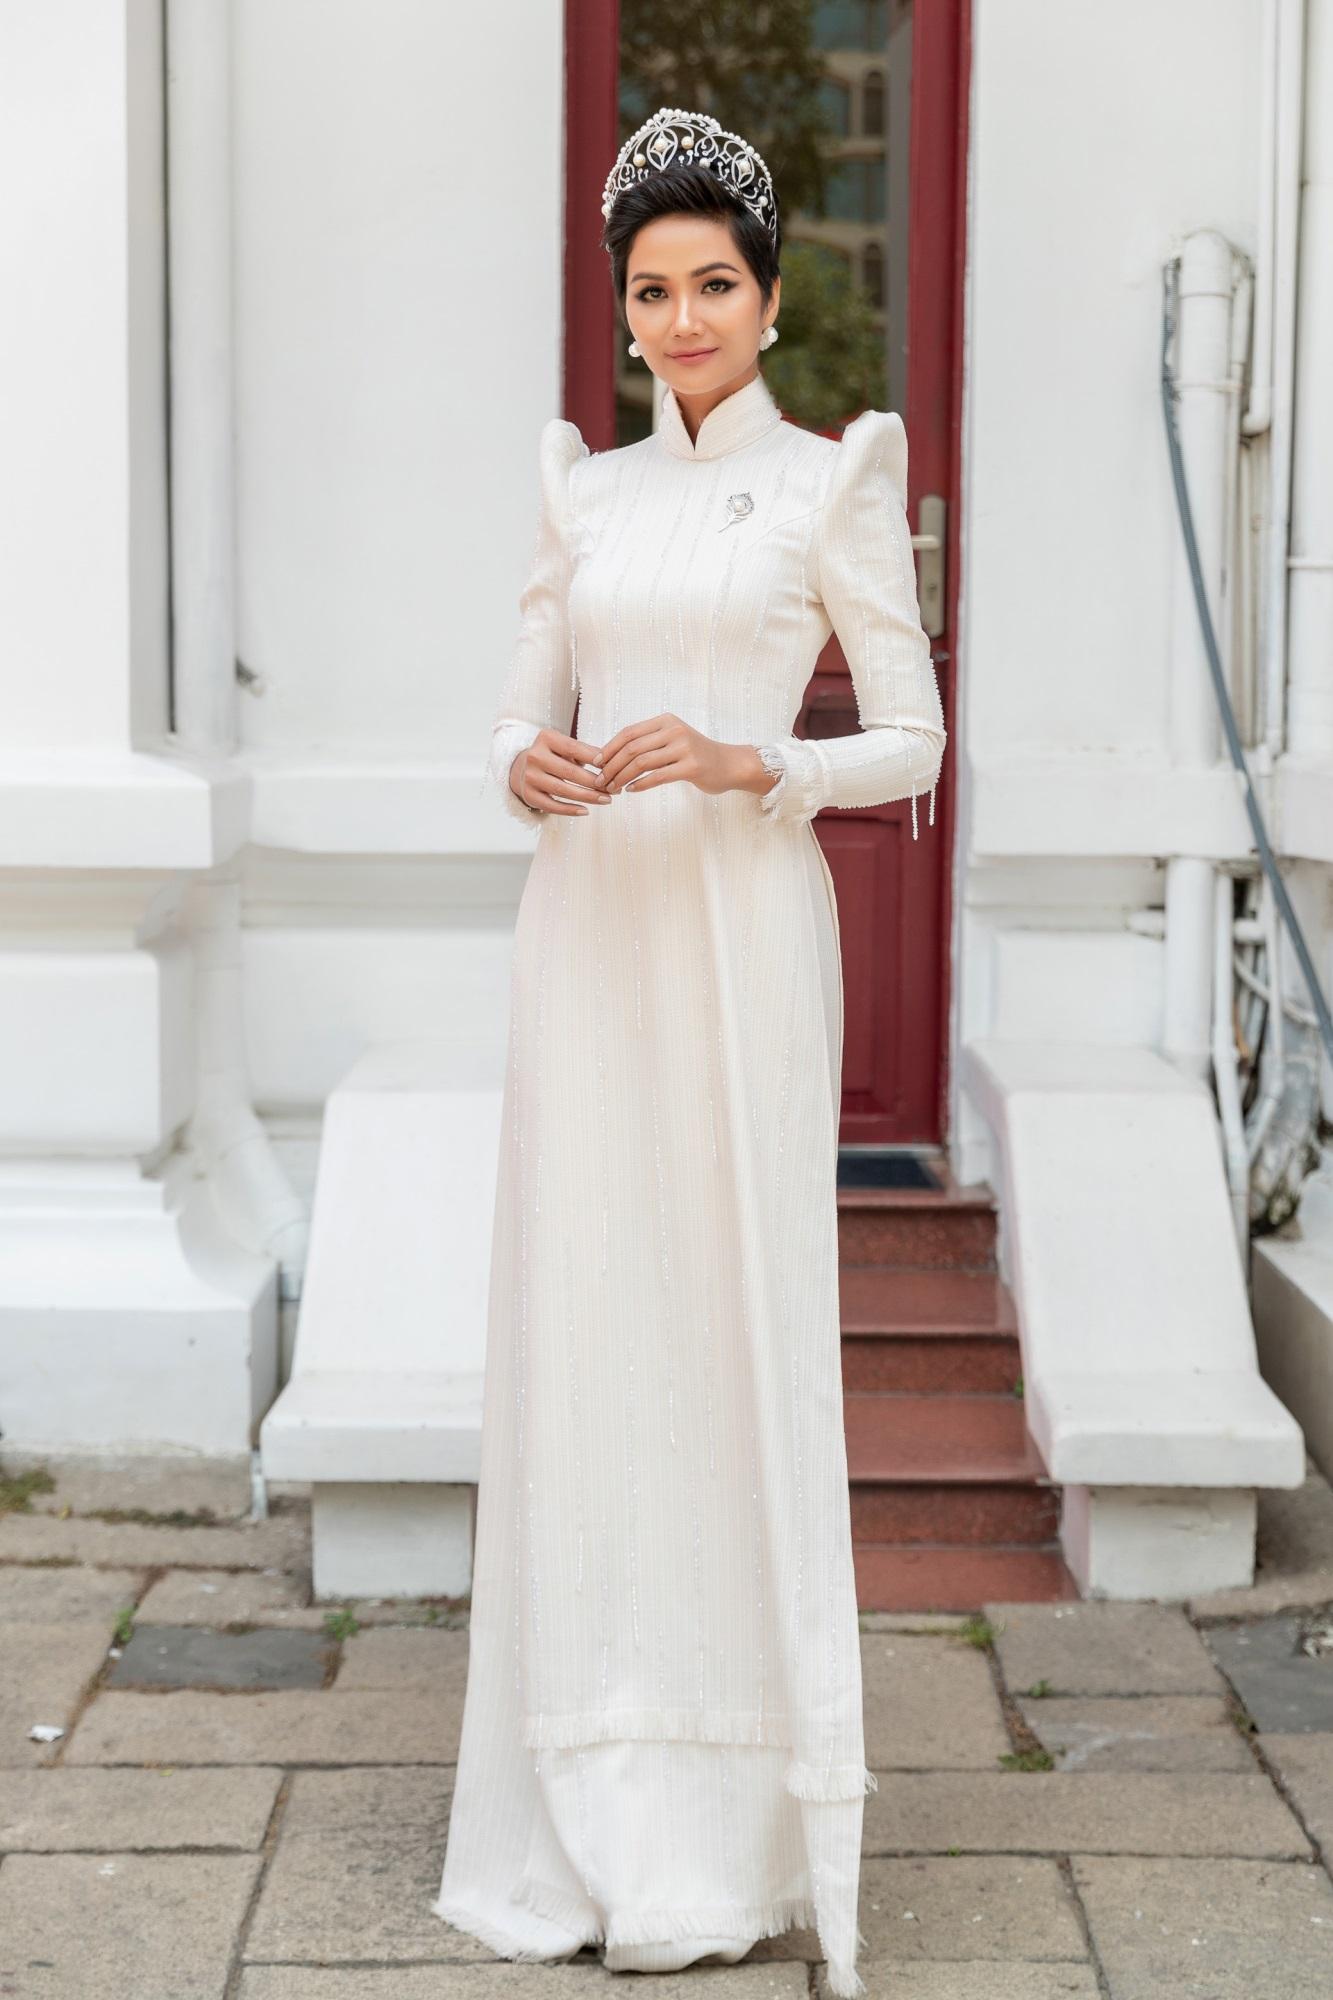 H'hen Niê diện áo dài trắng thanh lịch quảng bá quốc tế trong lễ hội áo dài TP.HCM - Ảnh 1